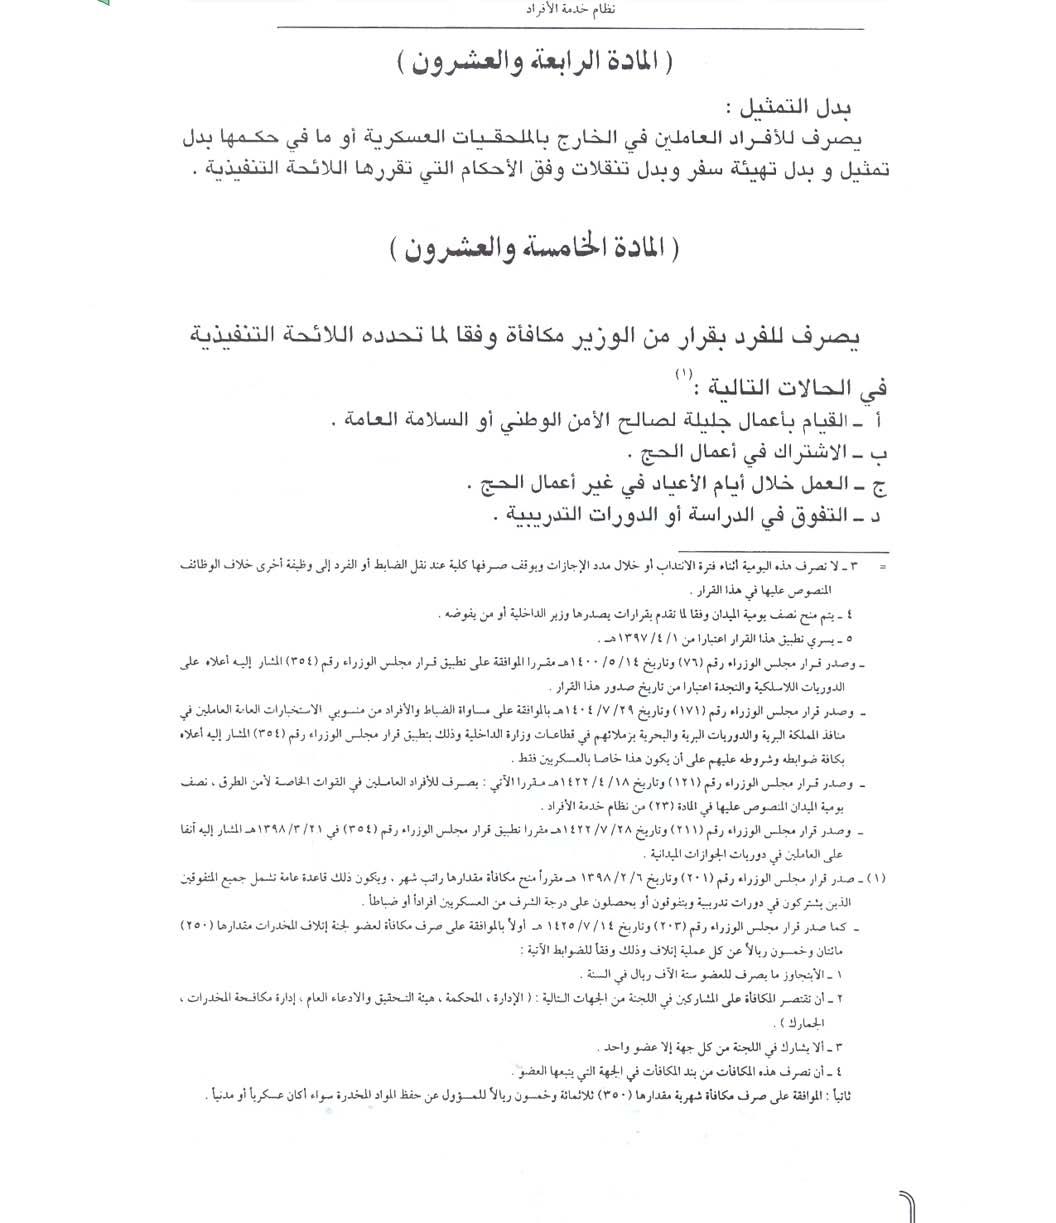 المادة 17 من نظام التقاعد العسكري